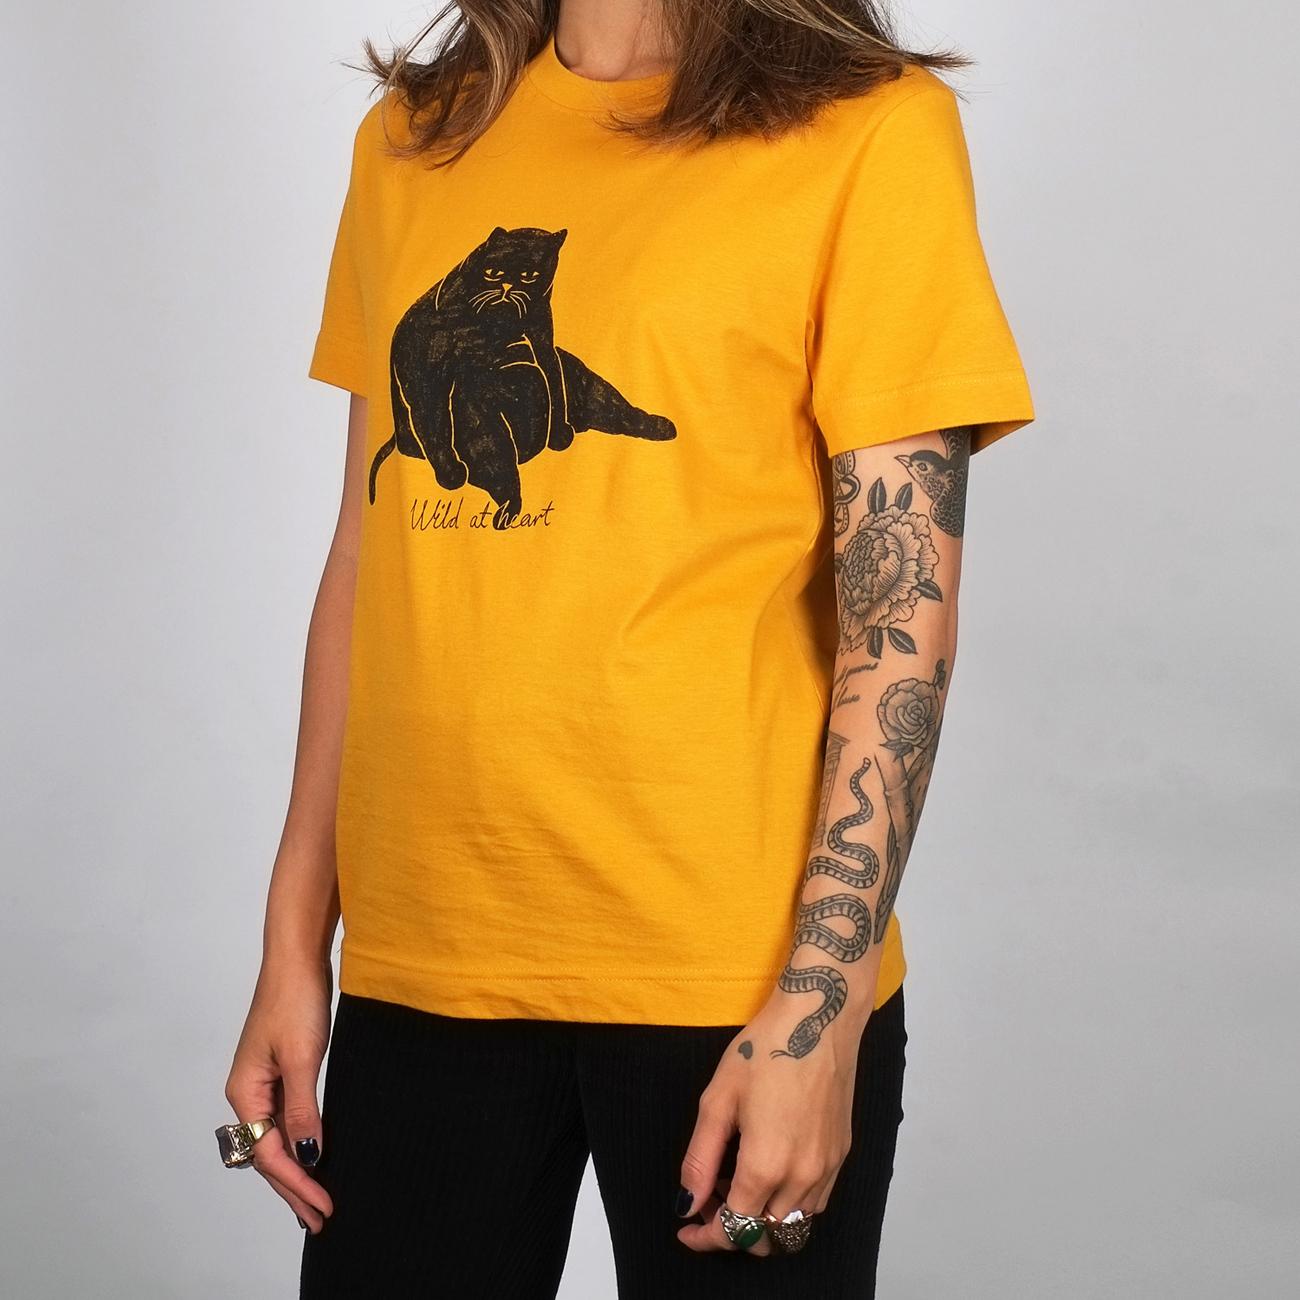 T-shirt Mysen Wild at Heart Mustard